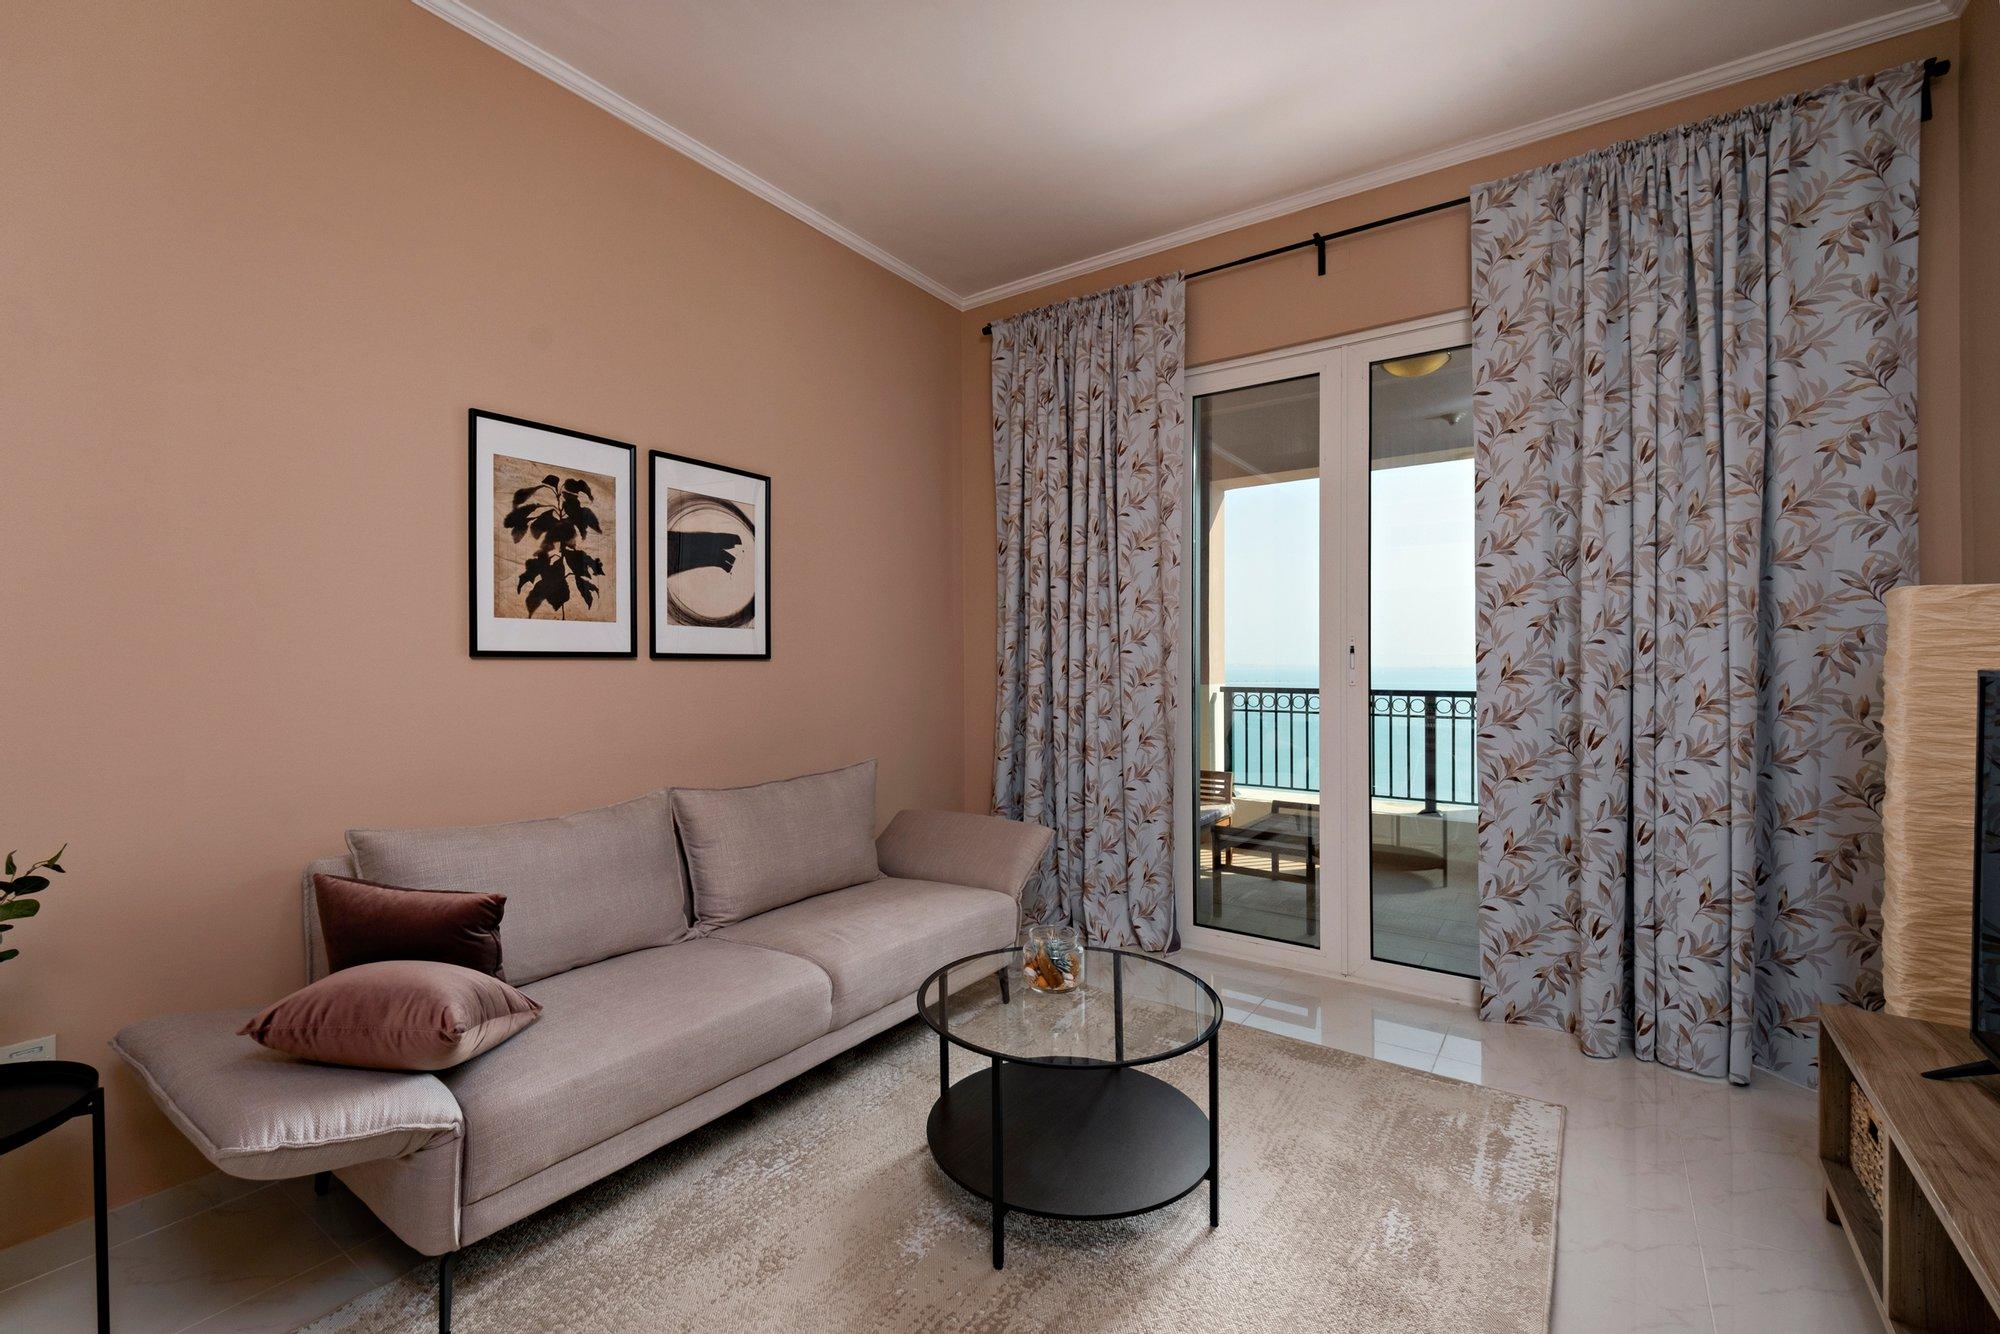 Apartment in Mushaireb, Doha, Qatar 1